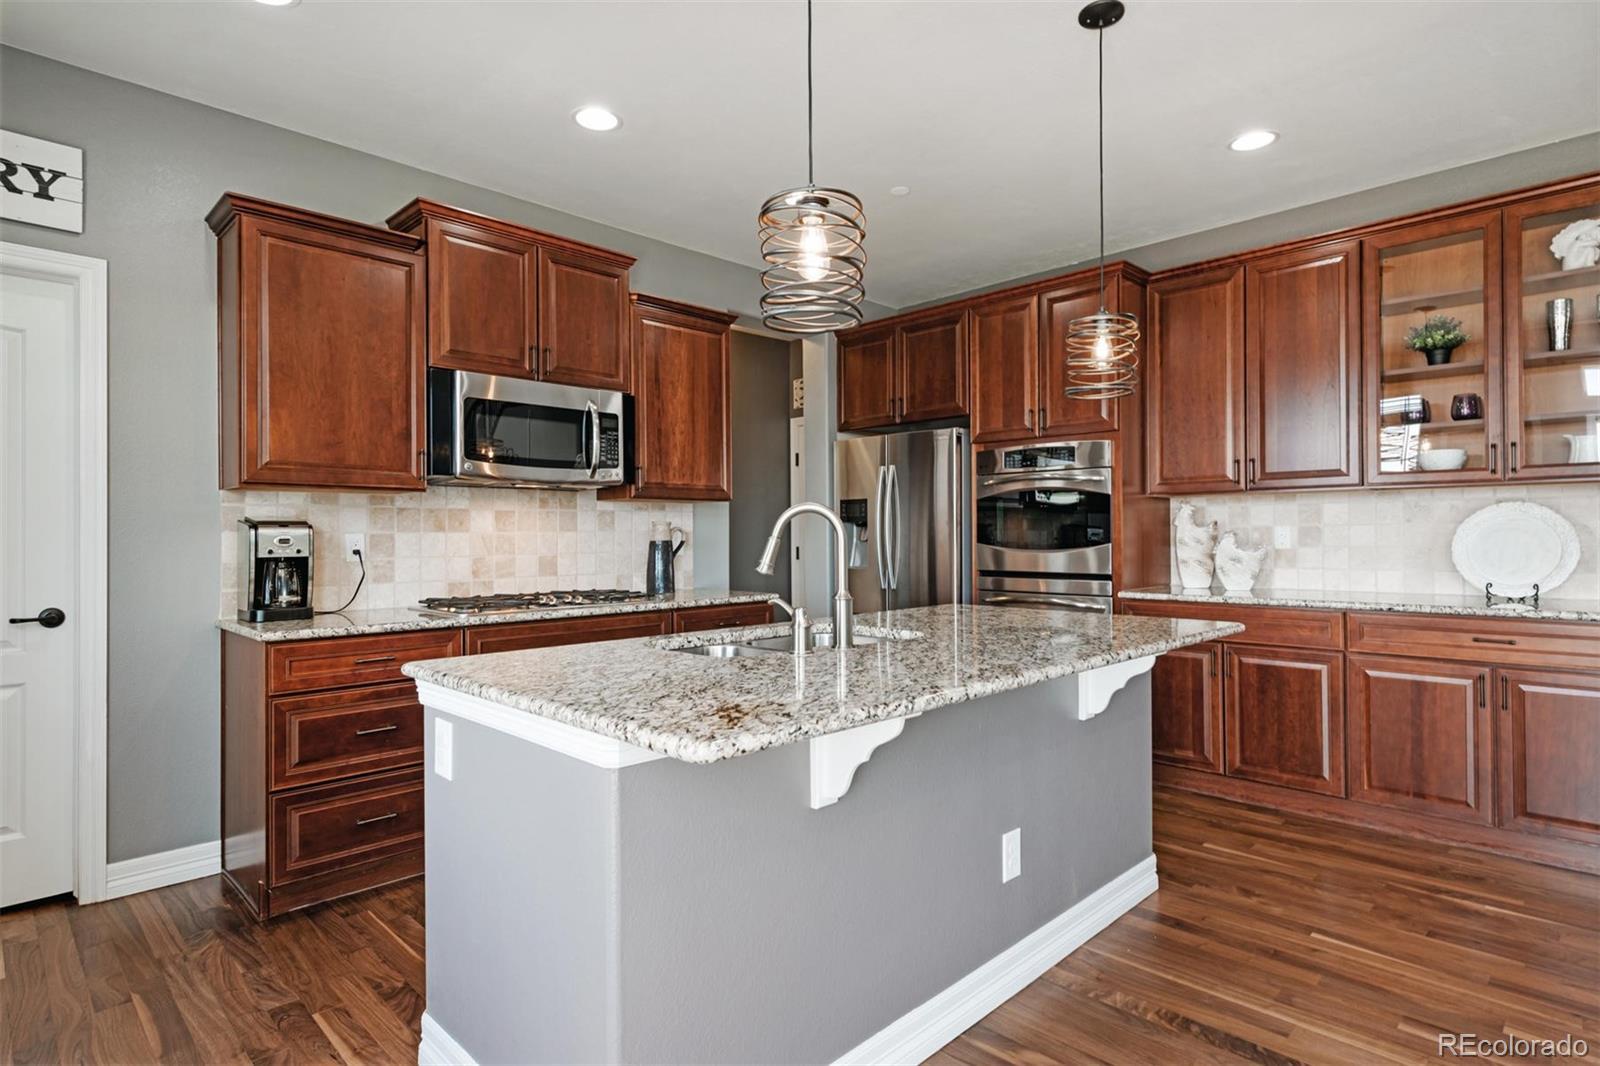 MLS# 6520057 - 9 - 1556 Bent Wedge Point , Castle Rock, CO 80109